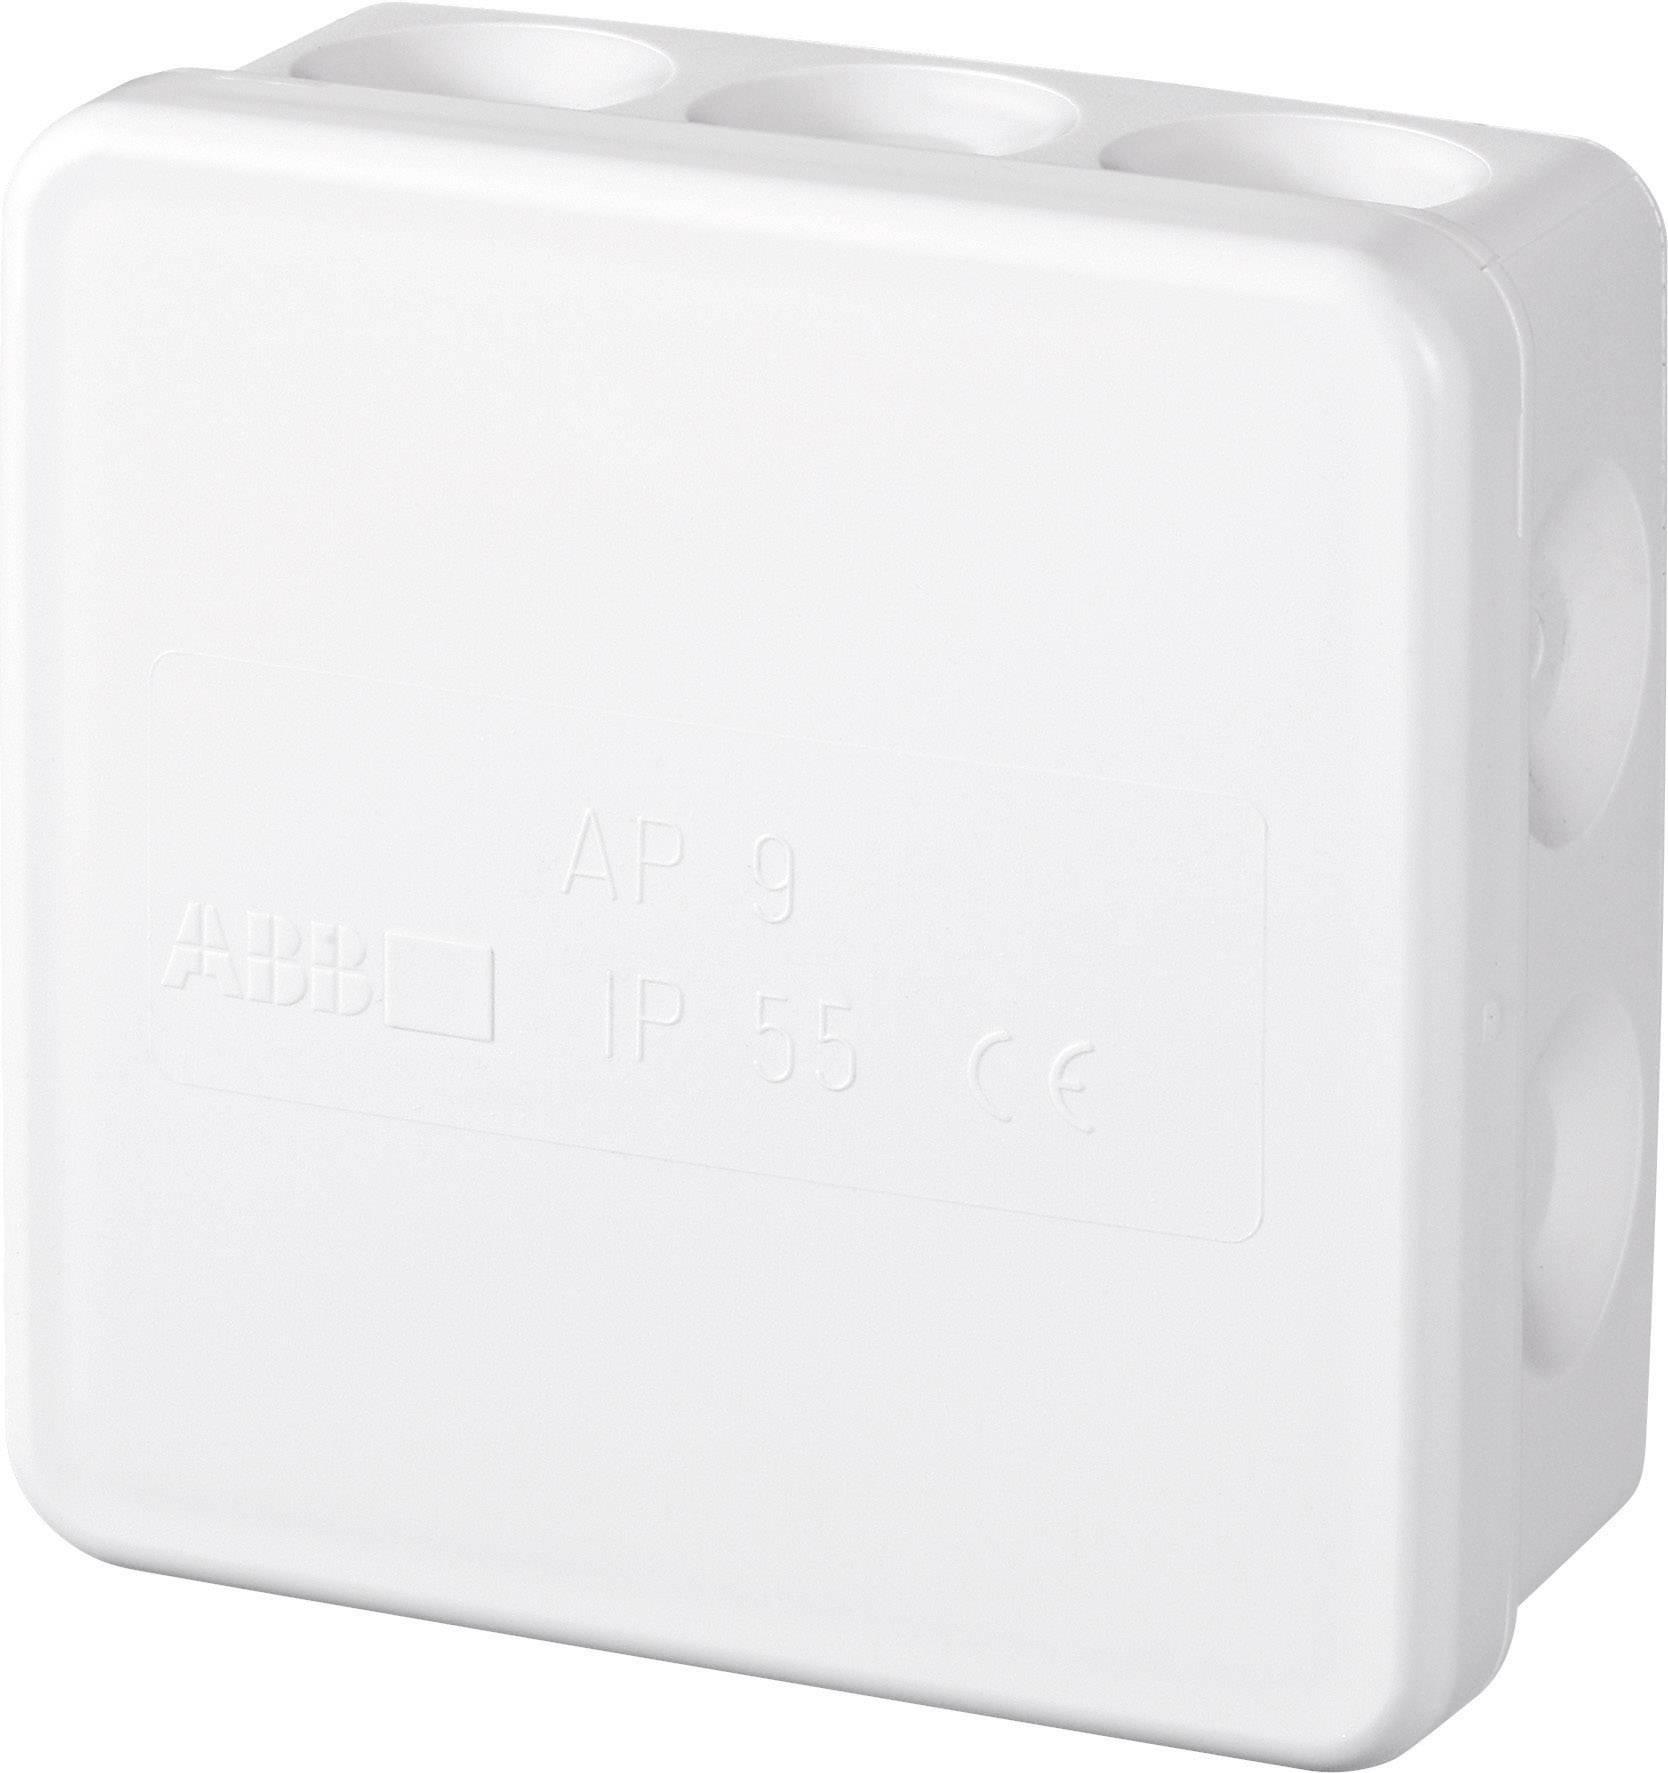 Rozbočovacia krabica IP55 ABB, 104 x 104 mm, biela, 2TKA140019G1